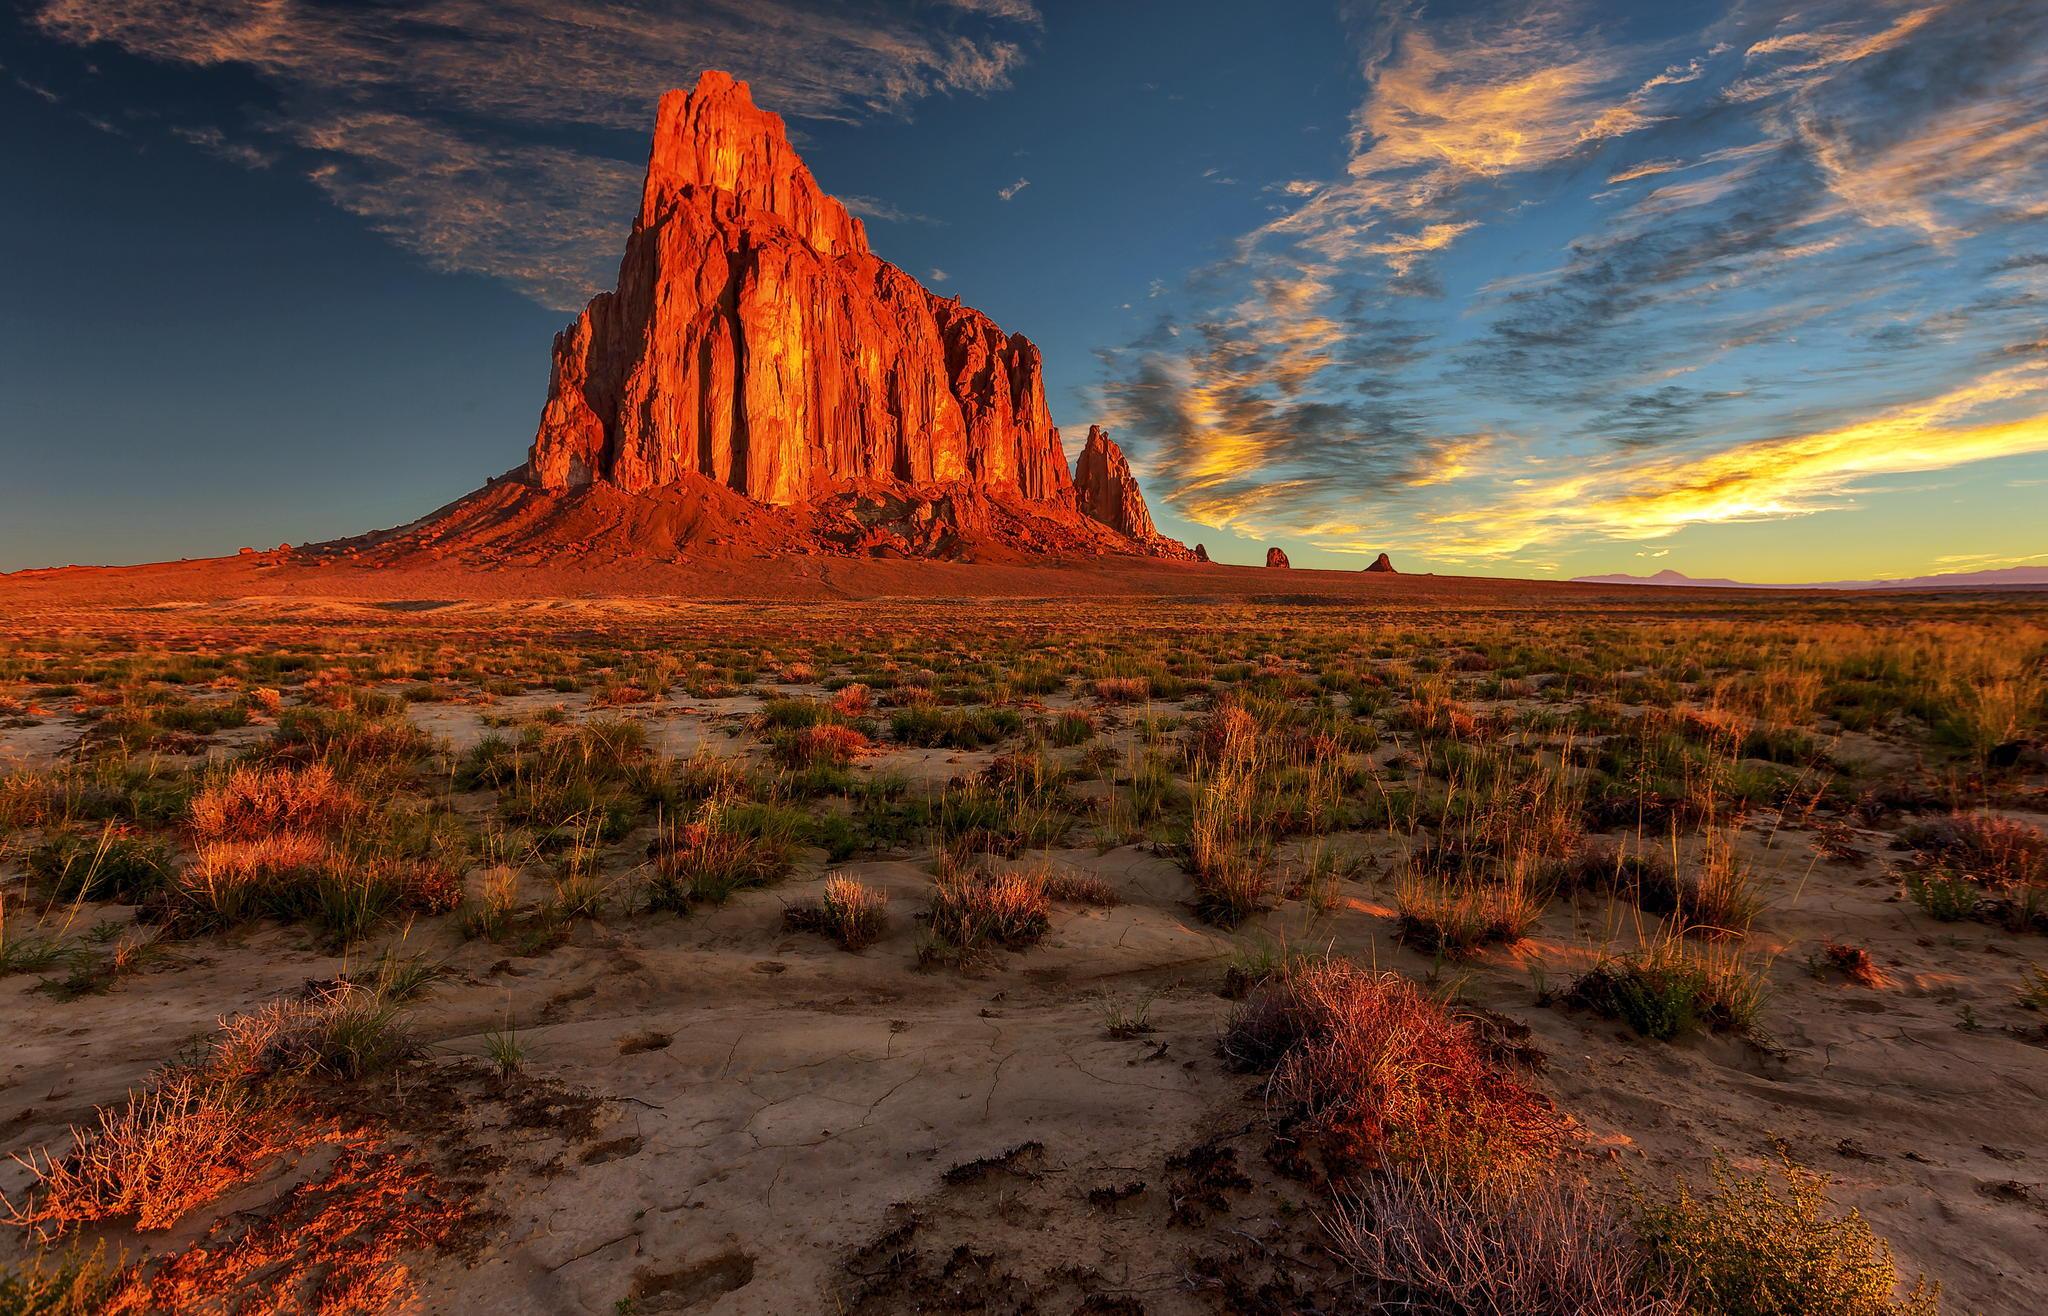 4. New-Mexico, mejores destinos por calidad precio